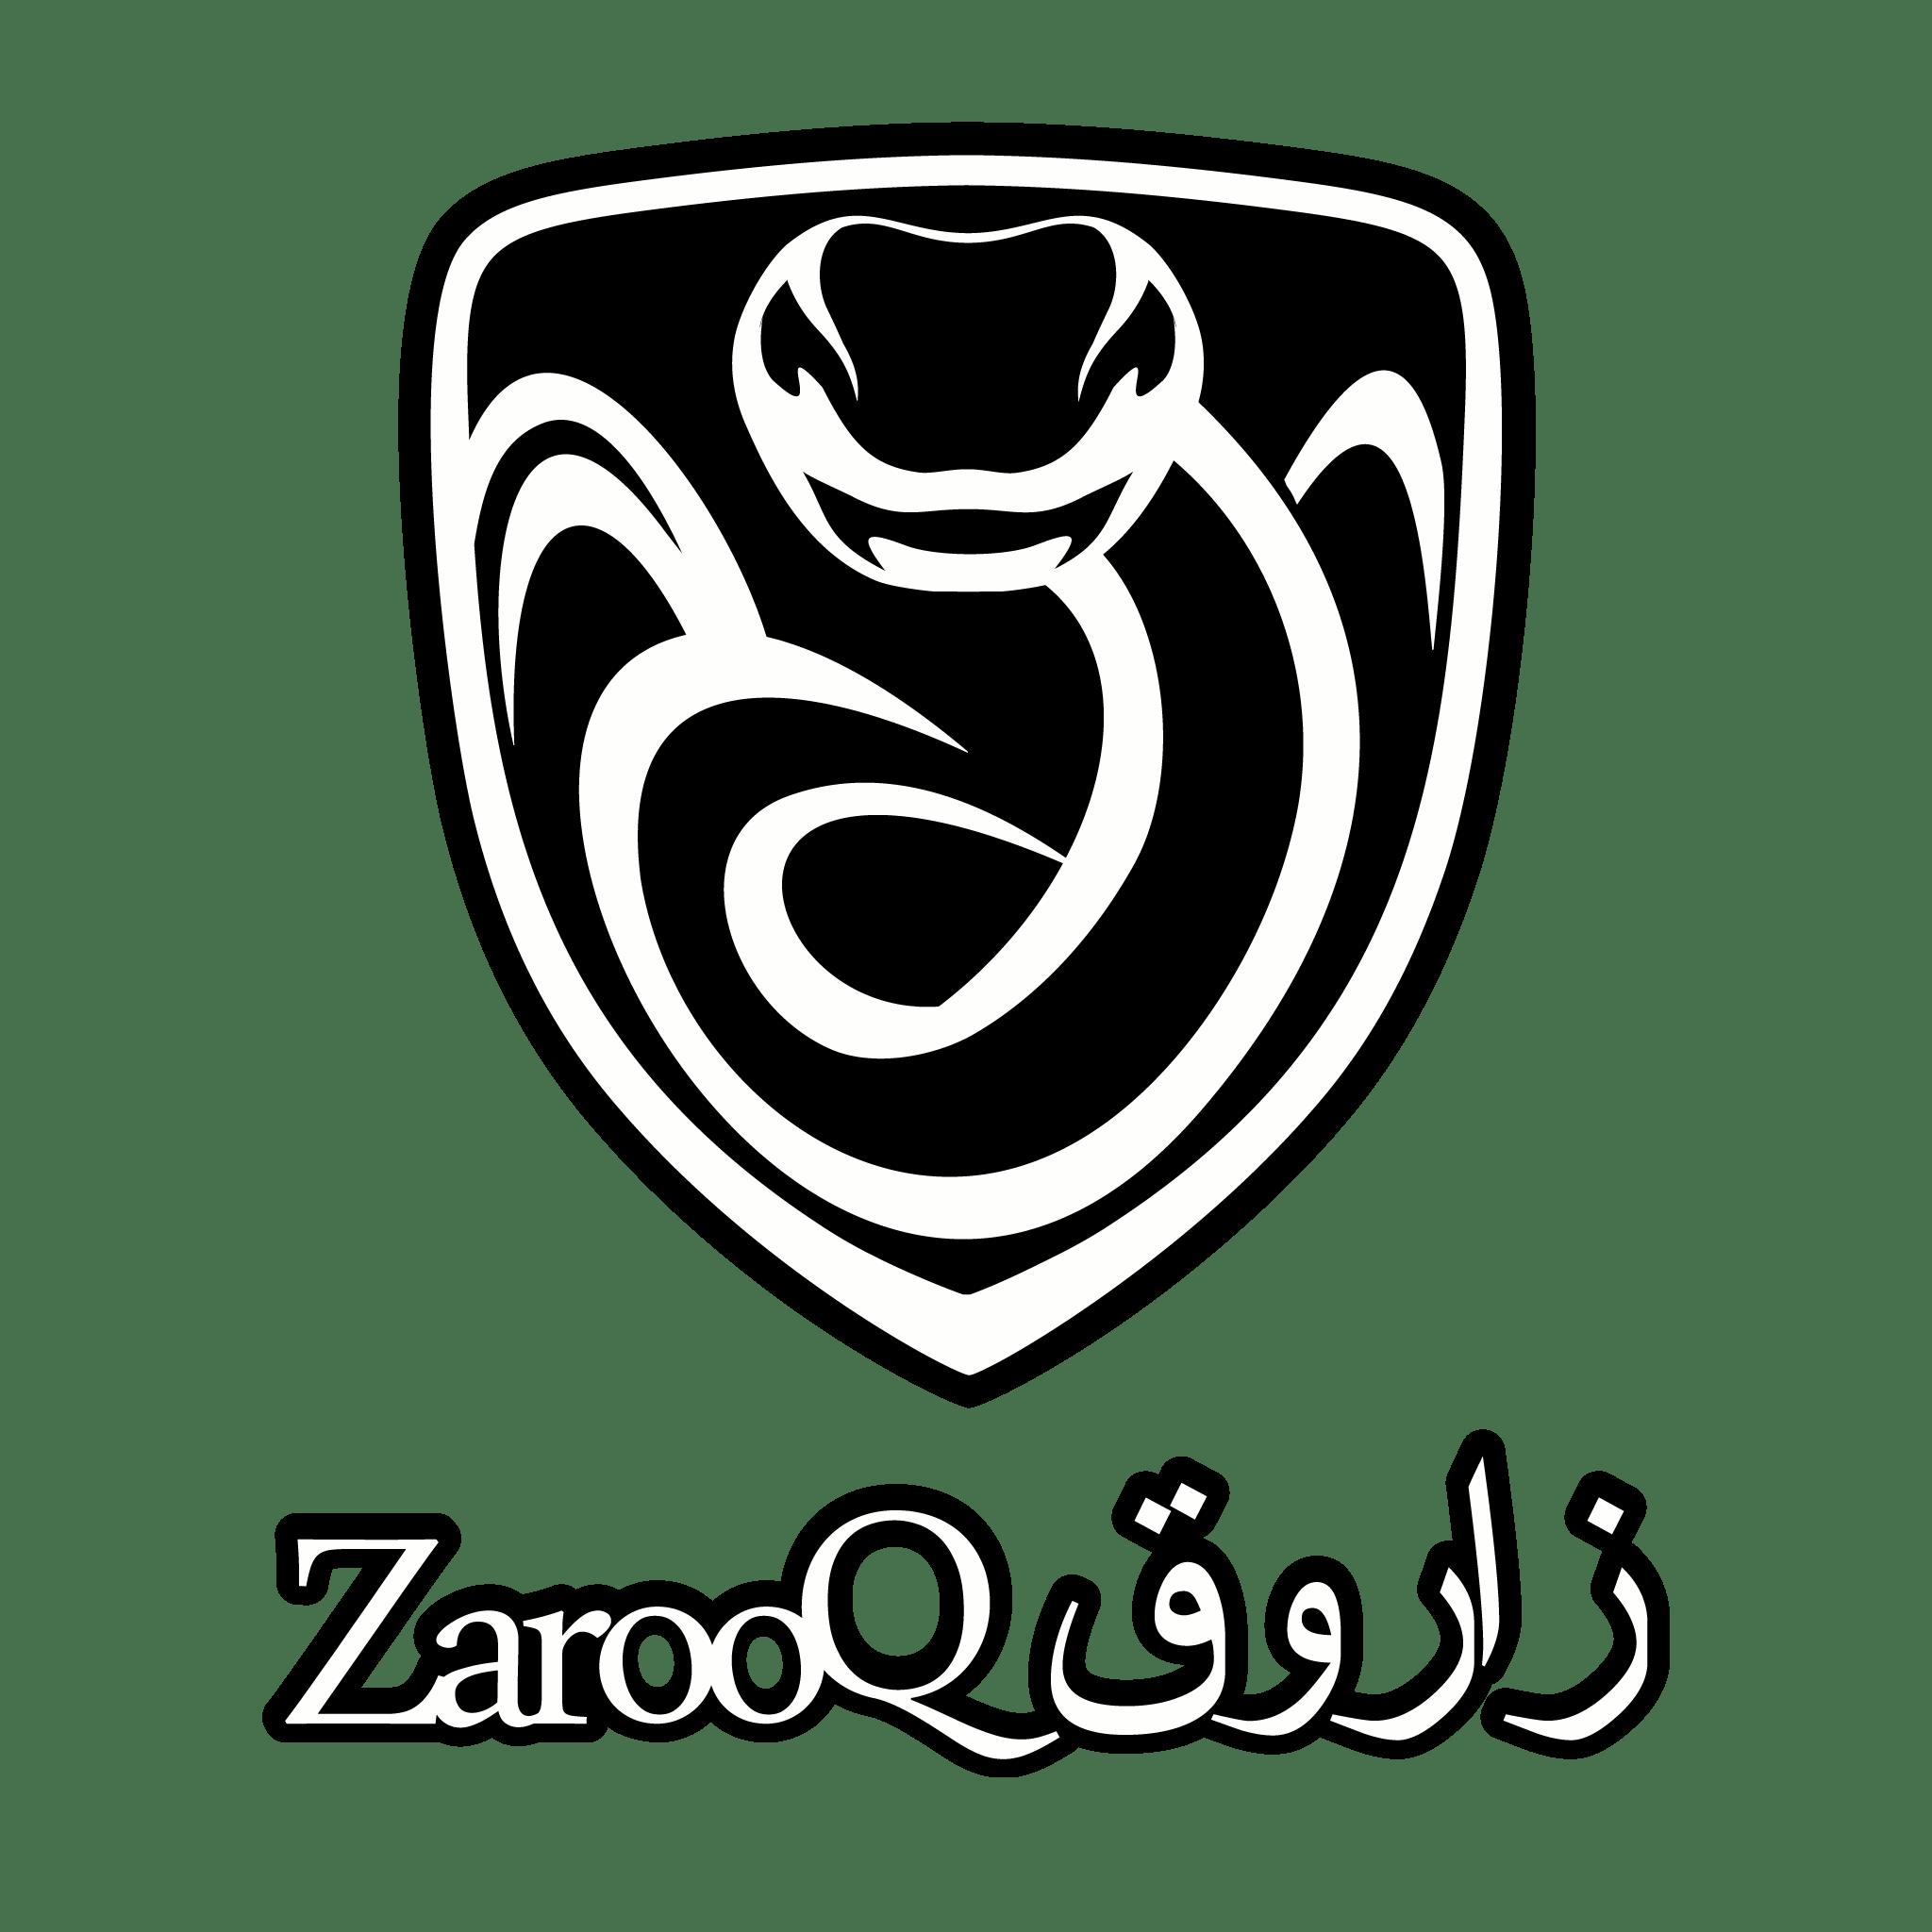 Zarooq Motors Logo Hd Information